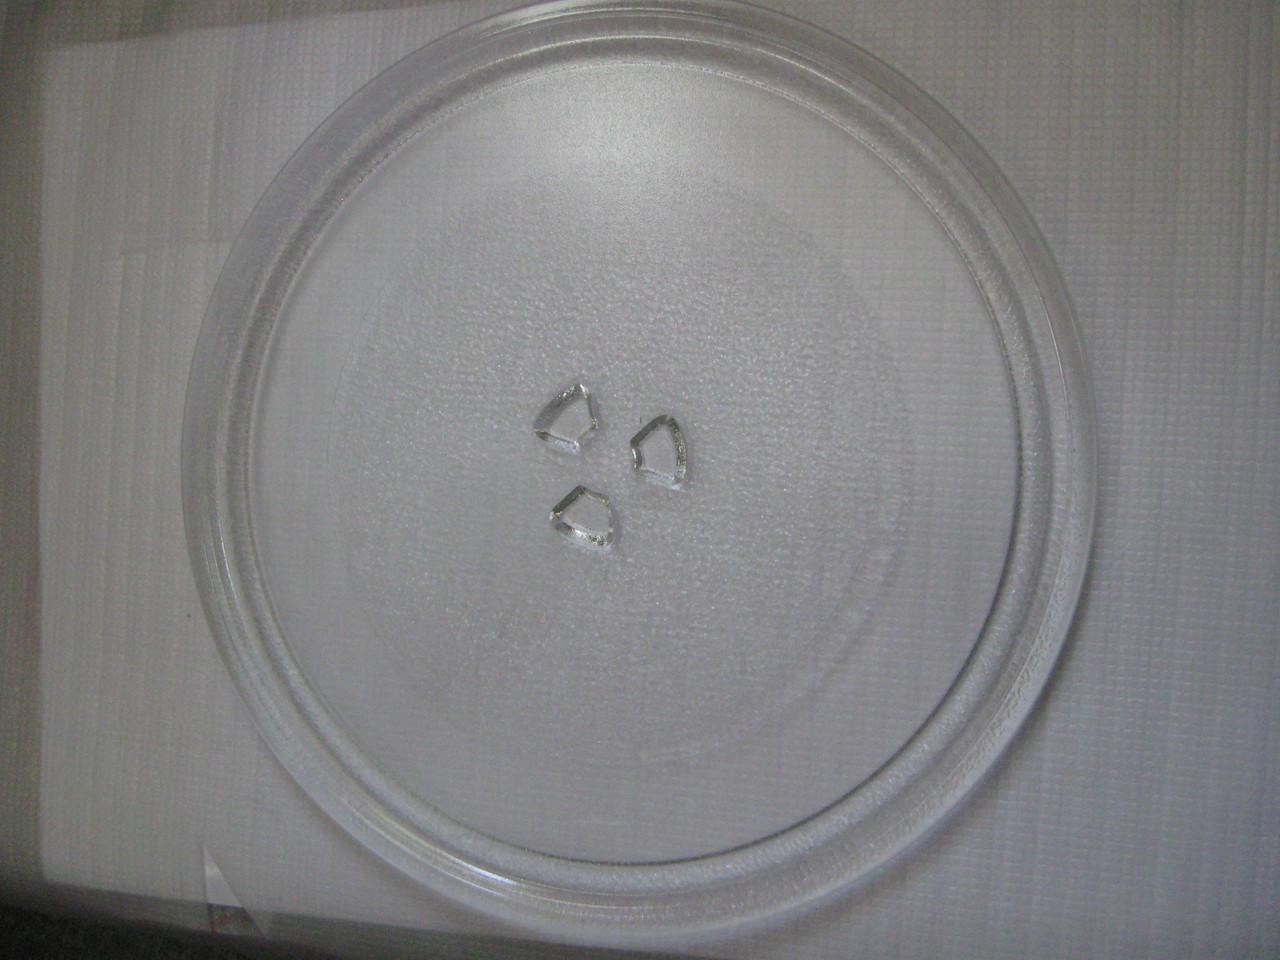 Тарелка для микроволновой печи LG 3390W1G010A